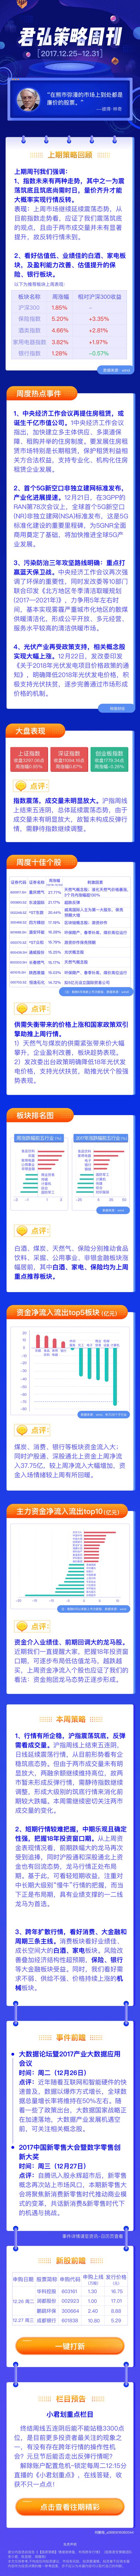 国泰君安:跨年扩散行情 看好消费等三条主线